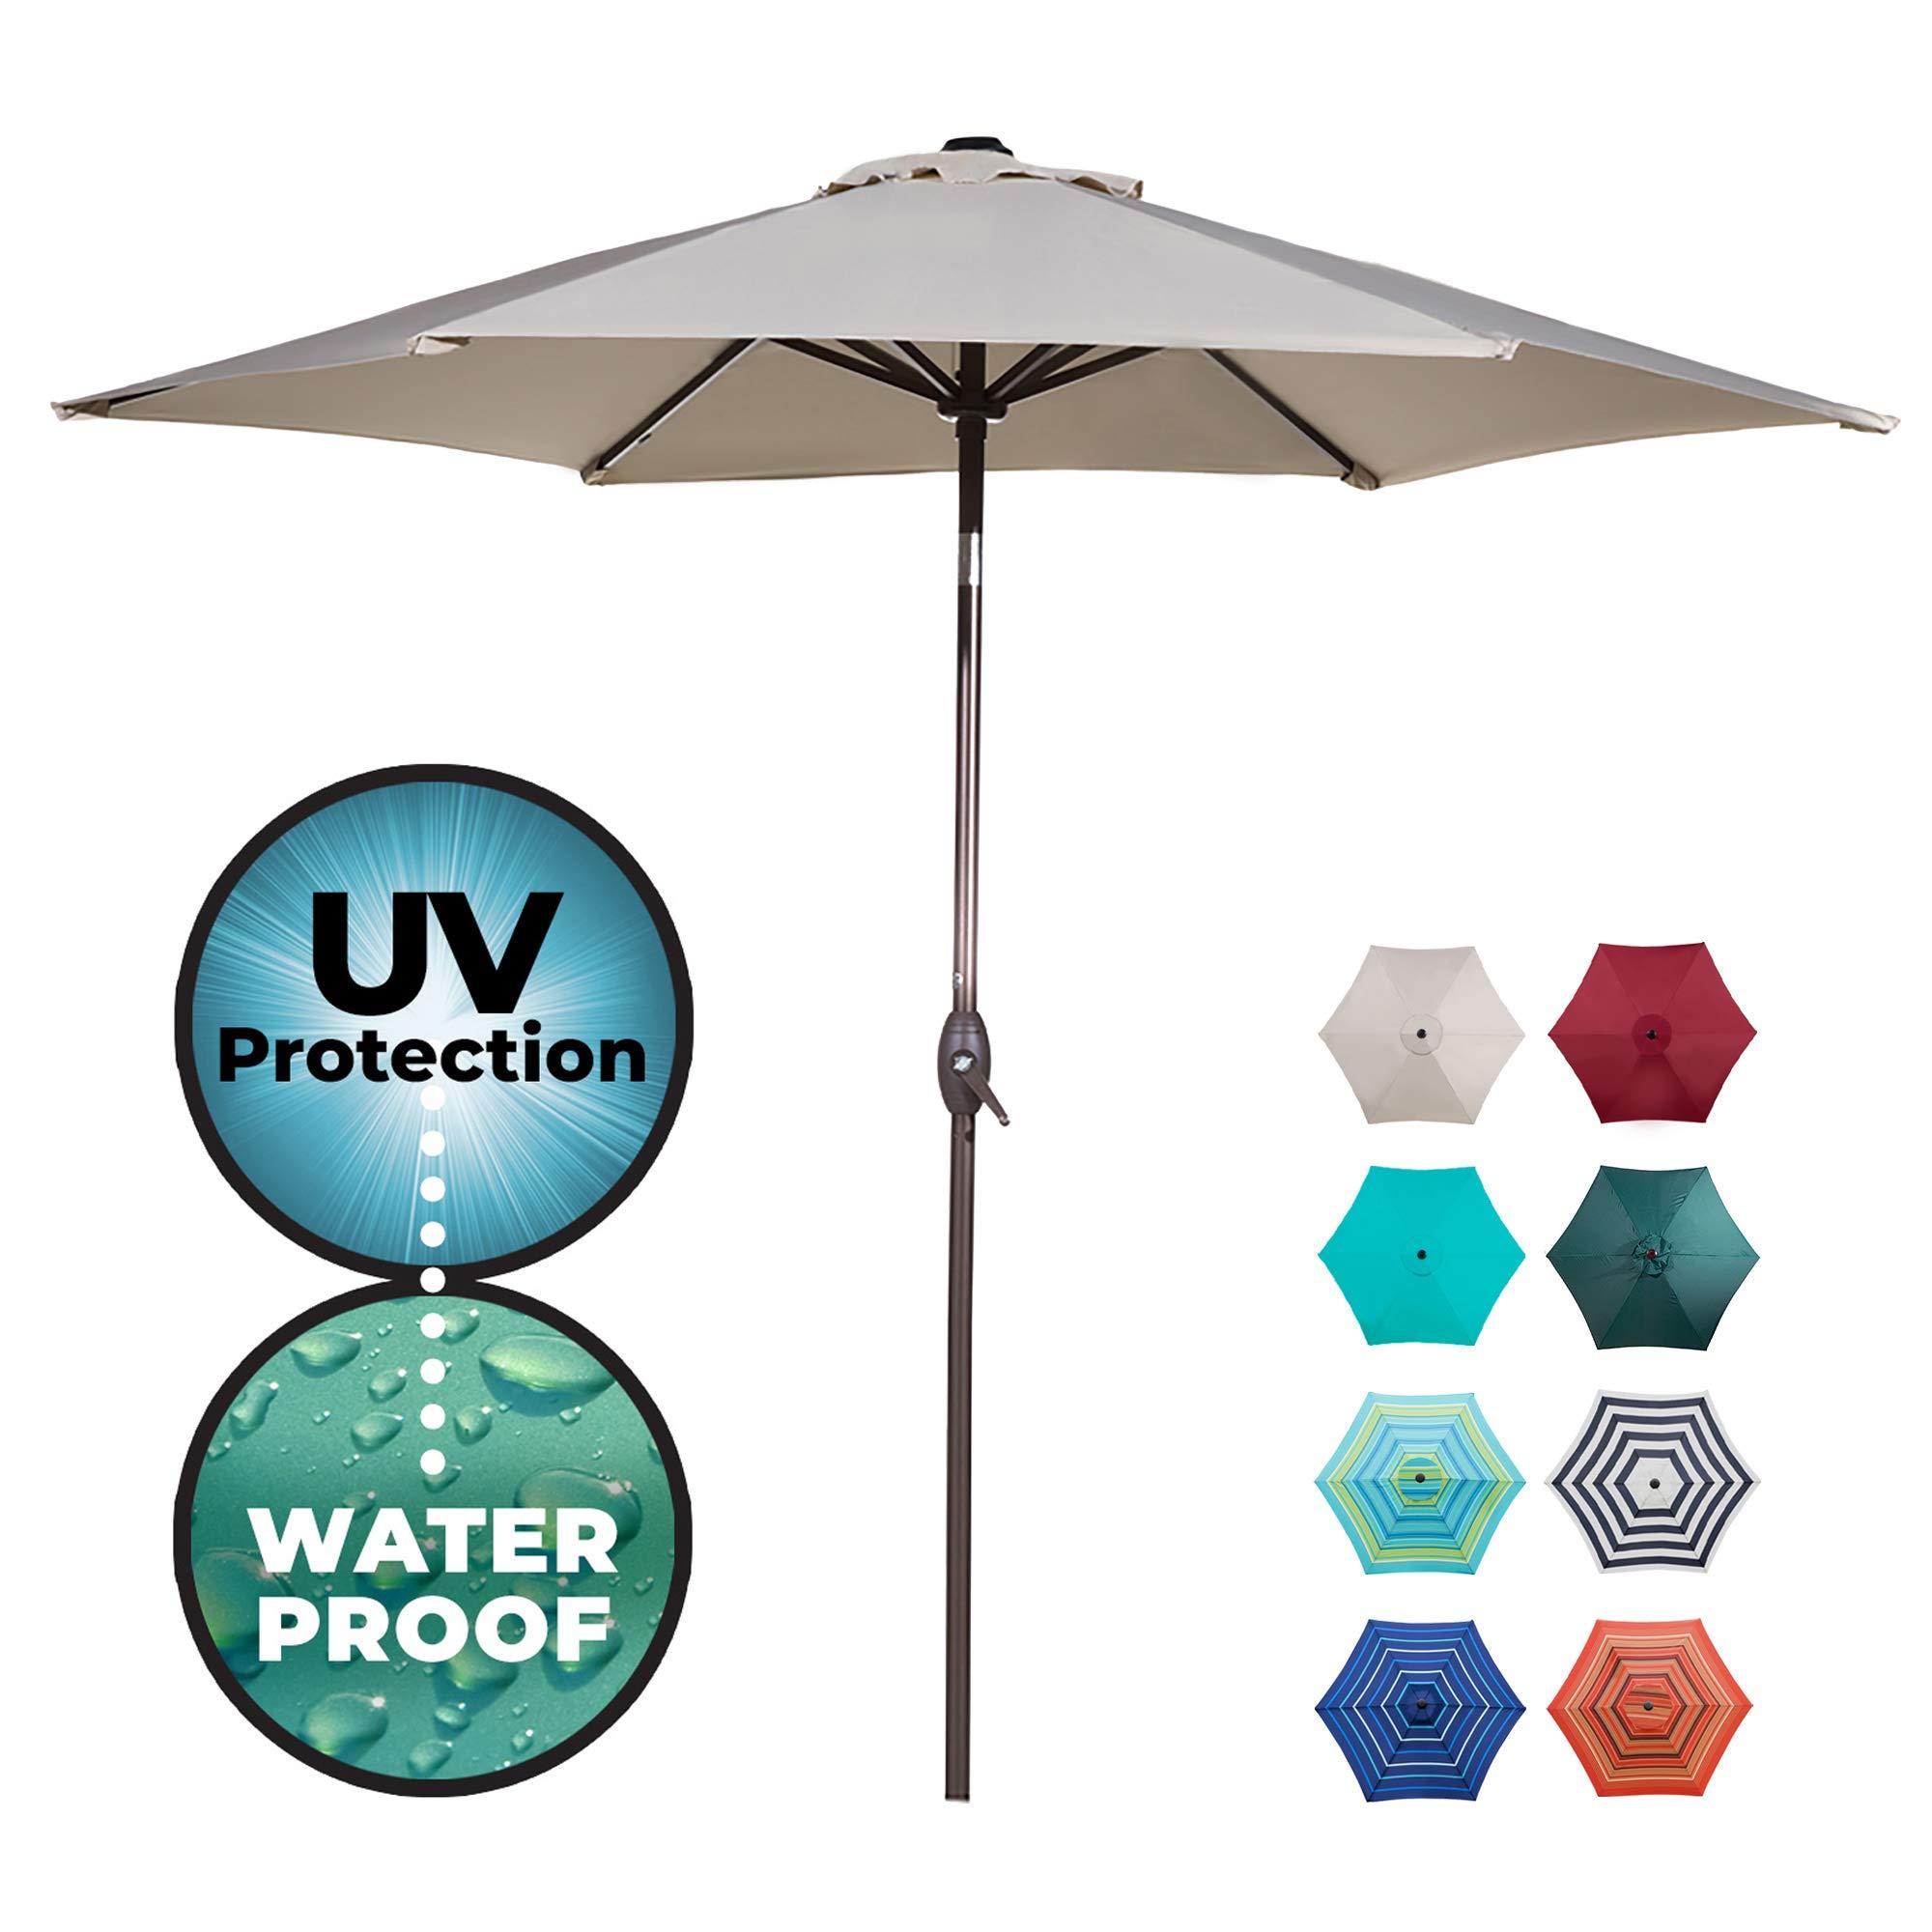 Abba Patio Outdoor Patio Umbrella 9-Feet Aluminum Market Table Umbrella with Push Button Tilt and Crank, Beige by Abba Patio